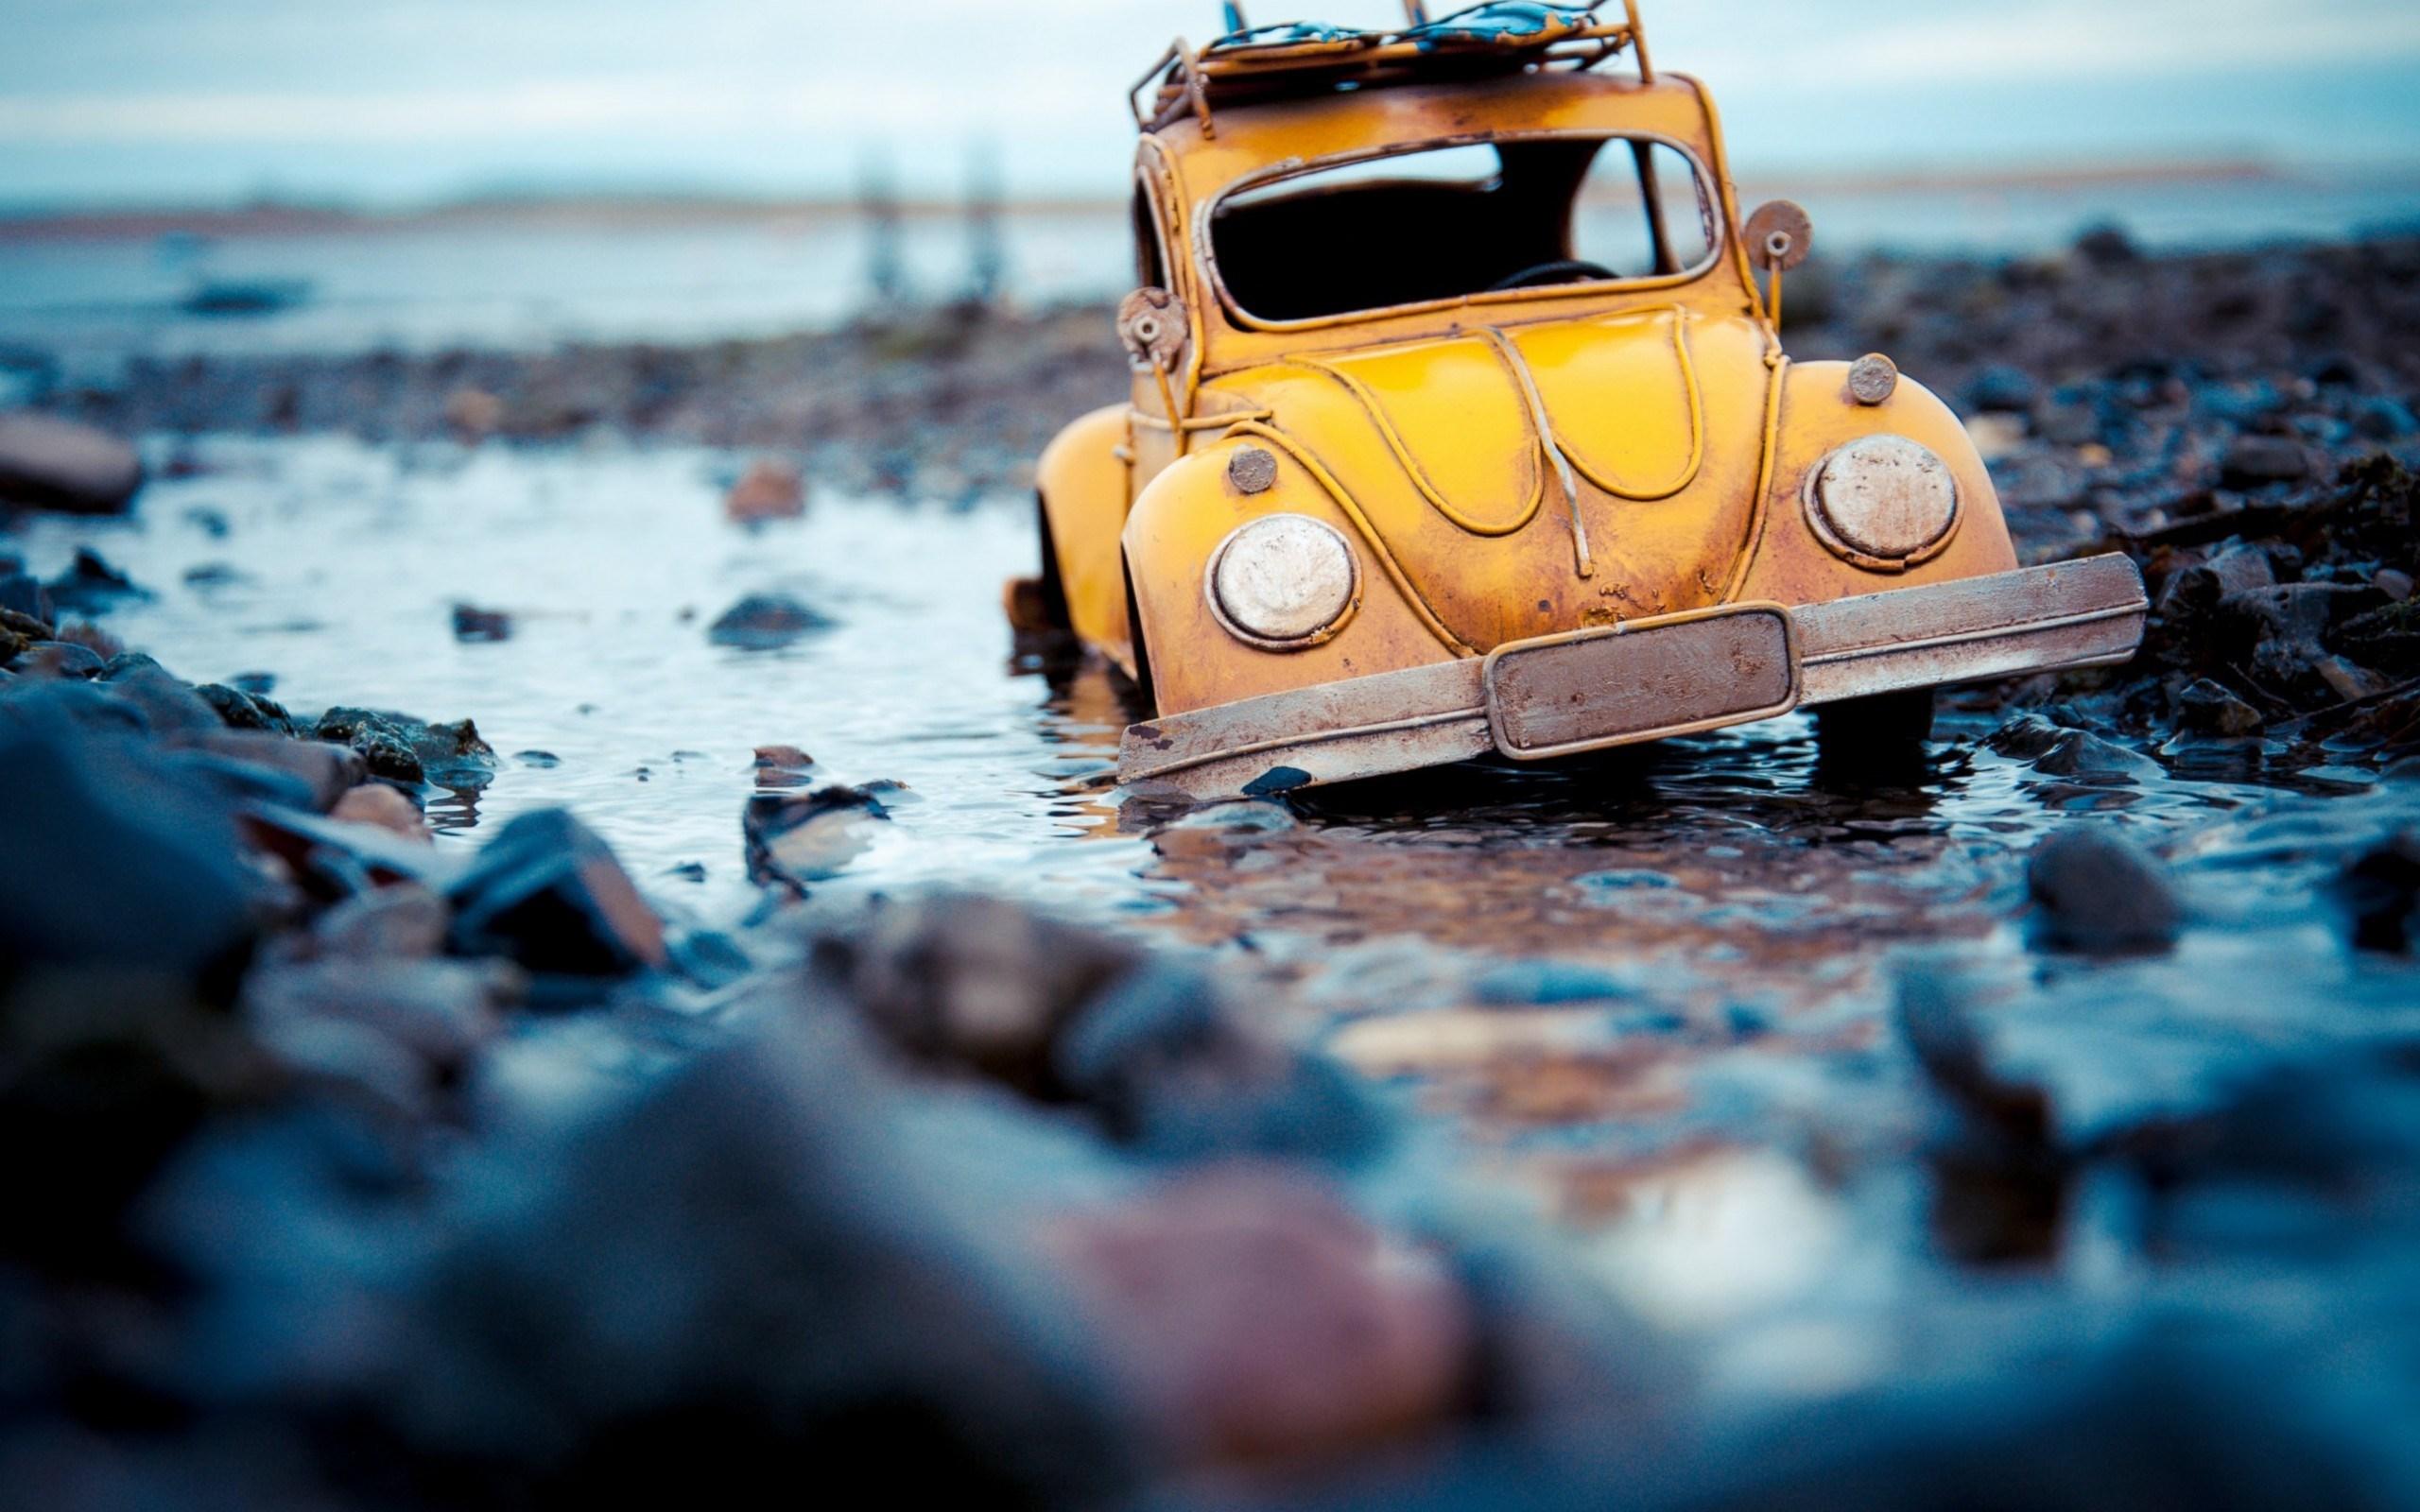 volkswagen beetle oyuncak su talar duygudurum 1920x1080 volkswagen 2560x1600